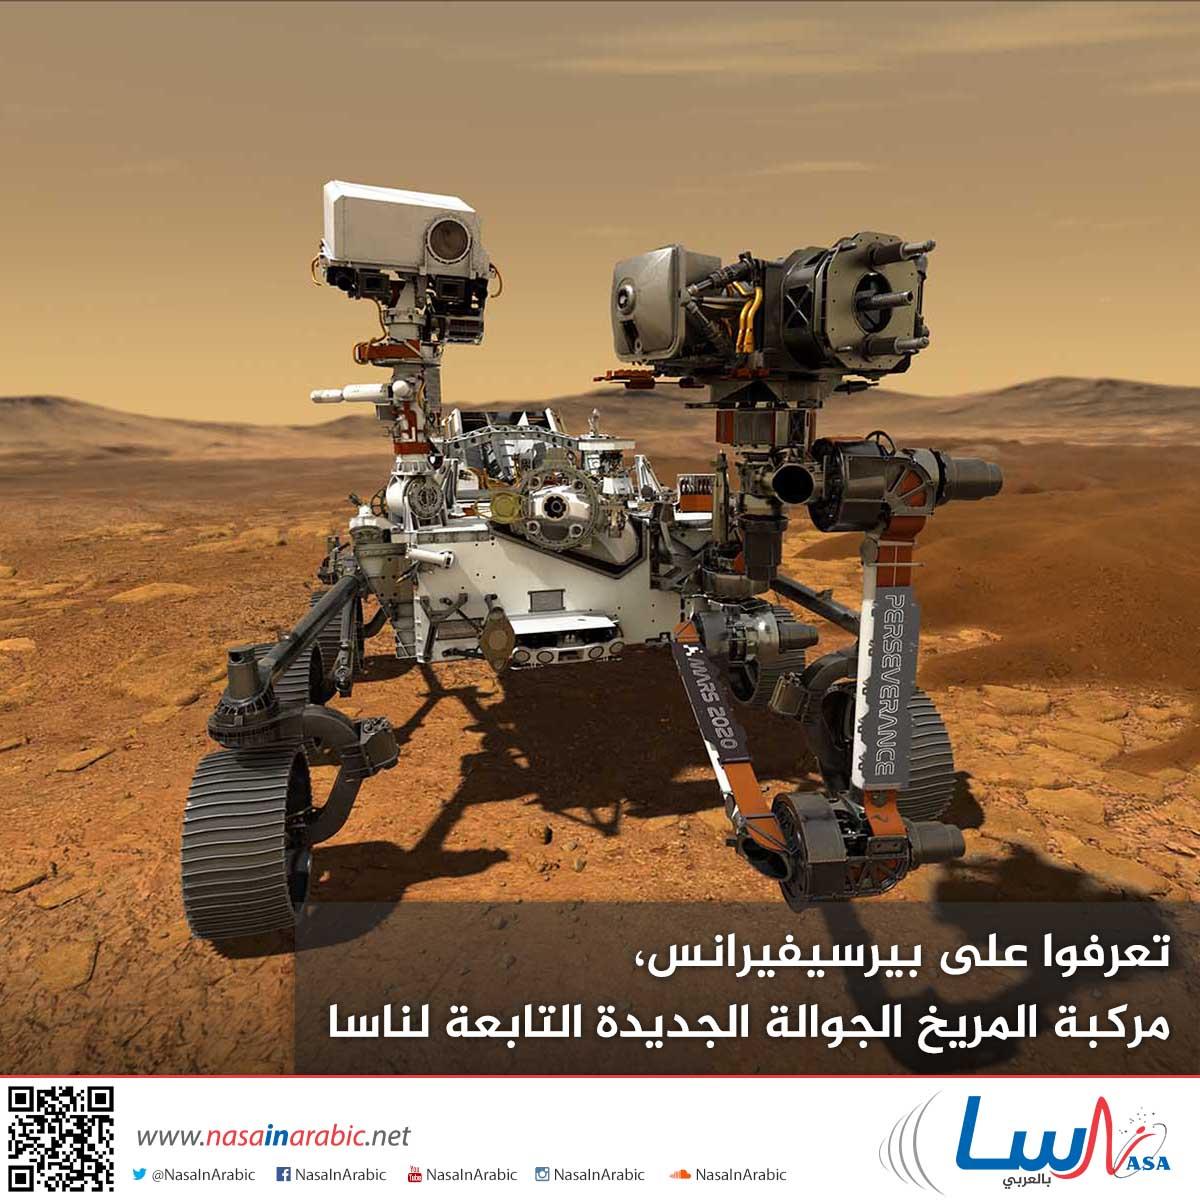 تعرفوا على بيرسيفيرانس، مركبة المريخ الجوالة الجديدة التابعة لناسا